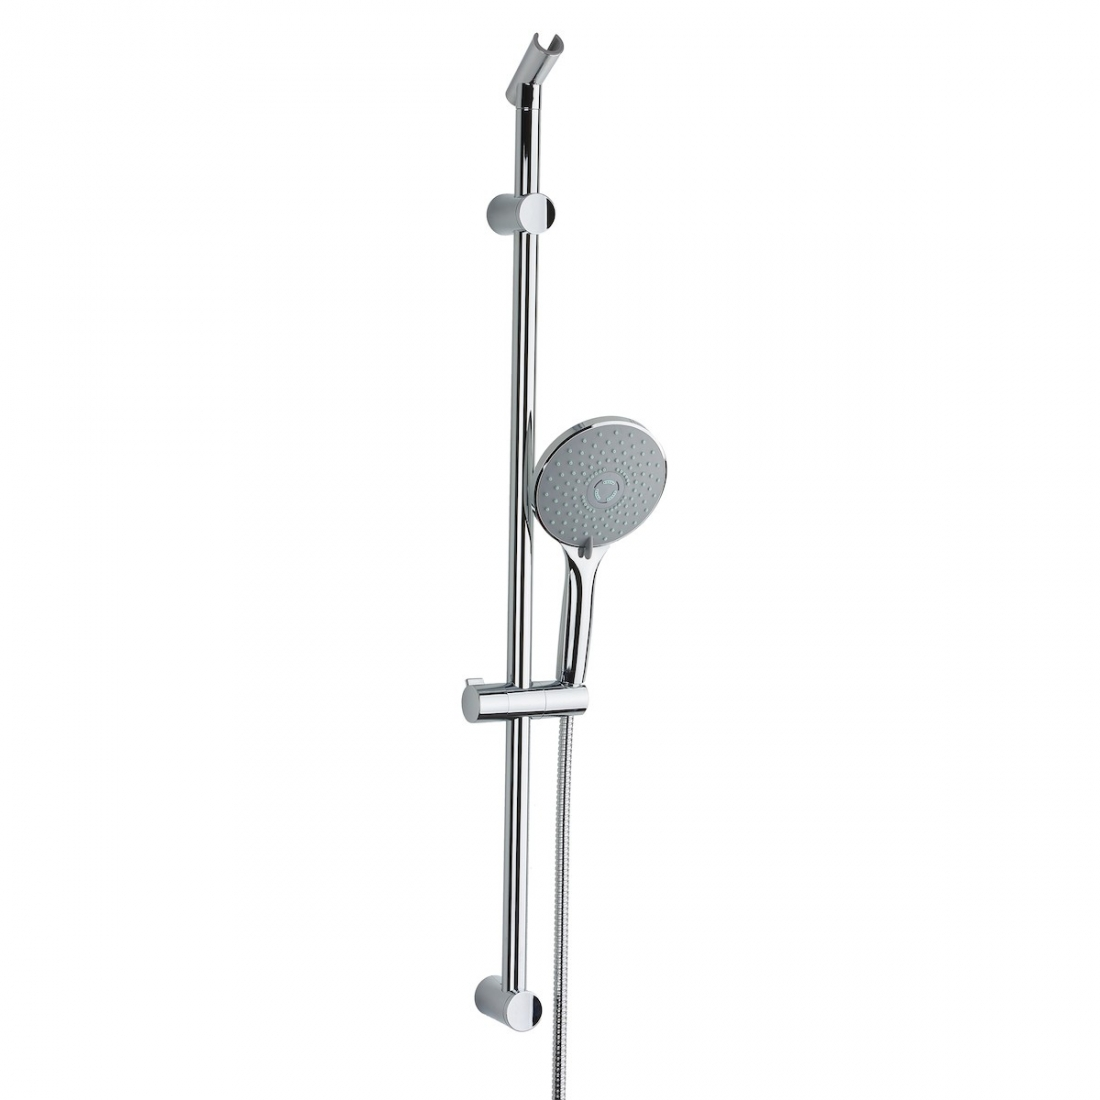 Sprchový set Siko chrom SIKOBSSSK81